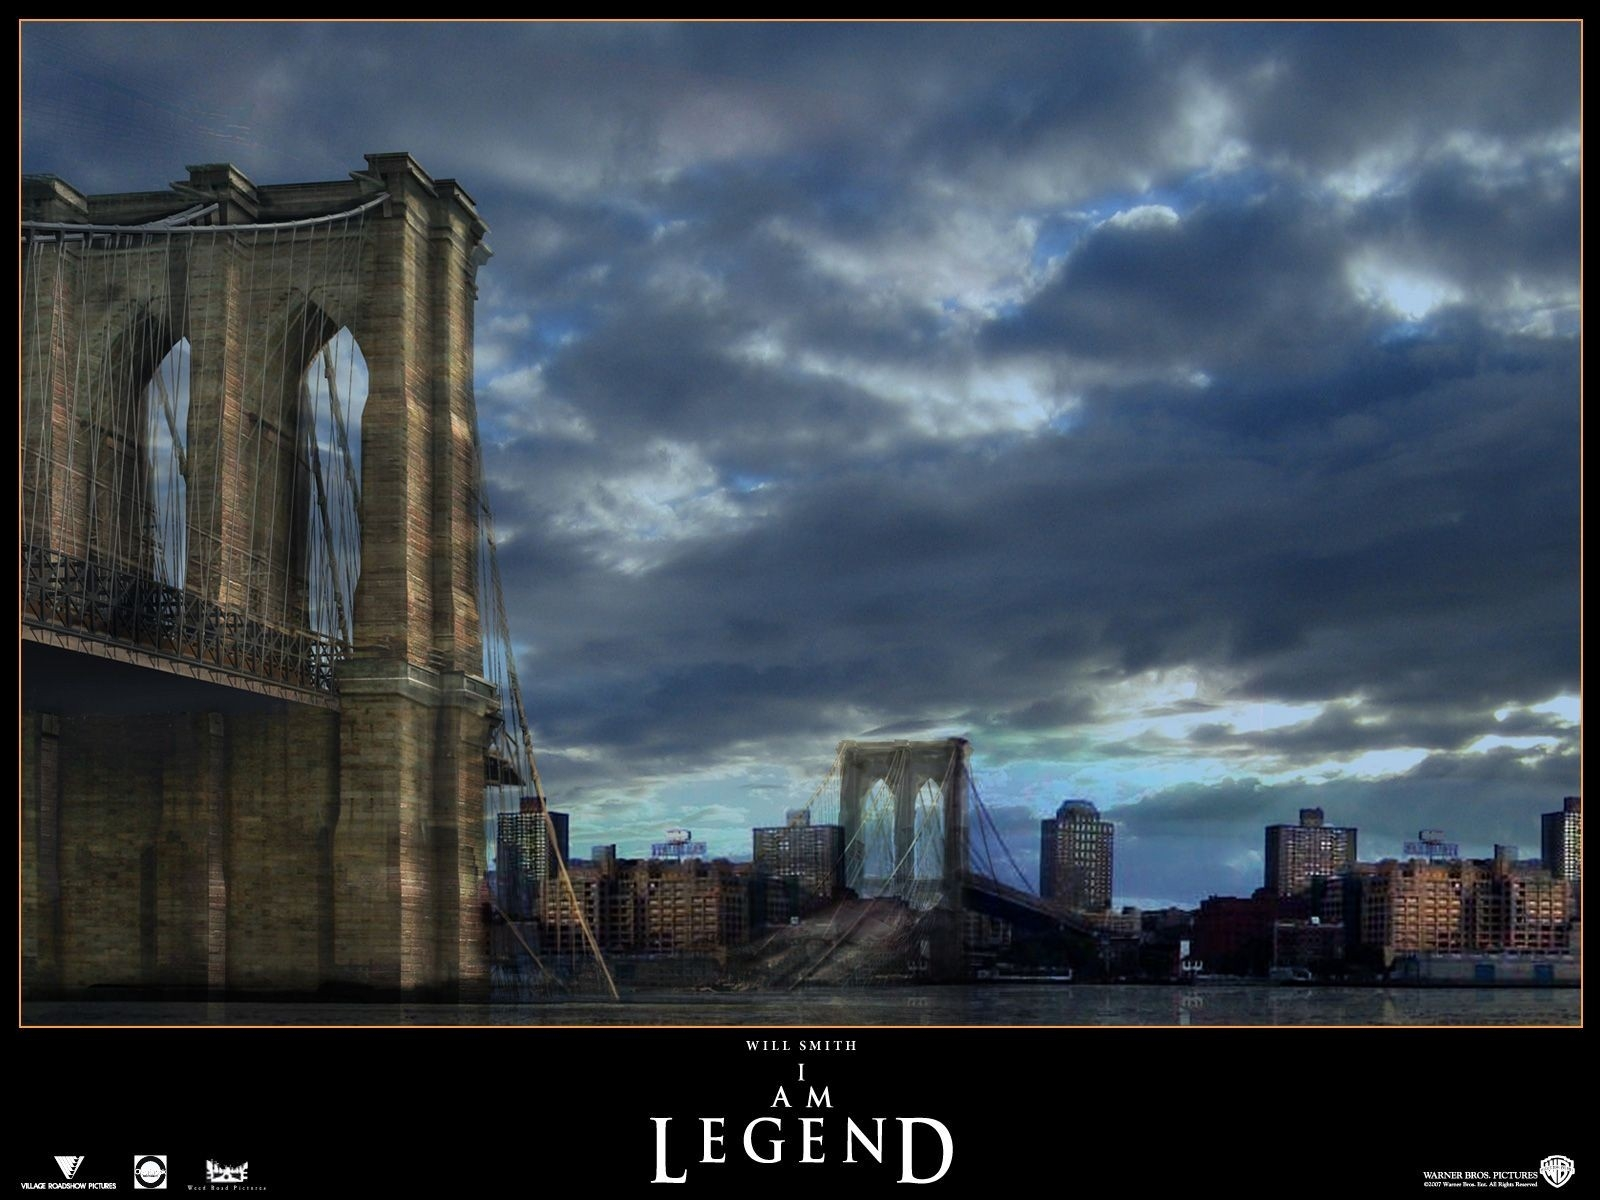 Wallpaper: un'immagine suggestiva del film Io sono leggenda